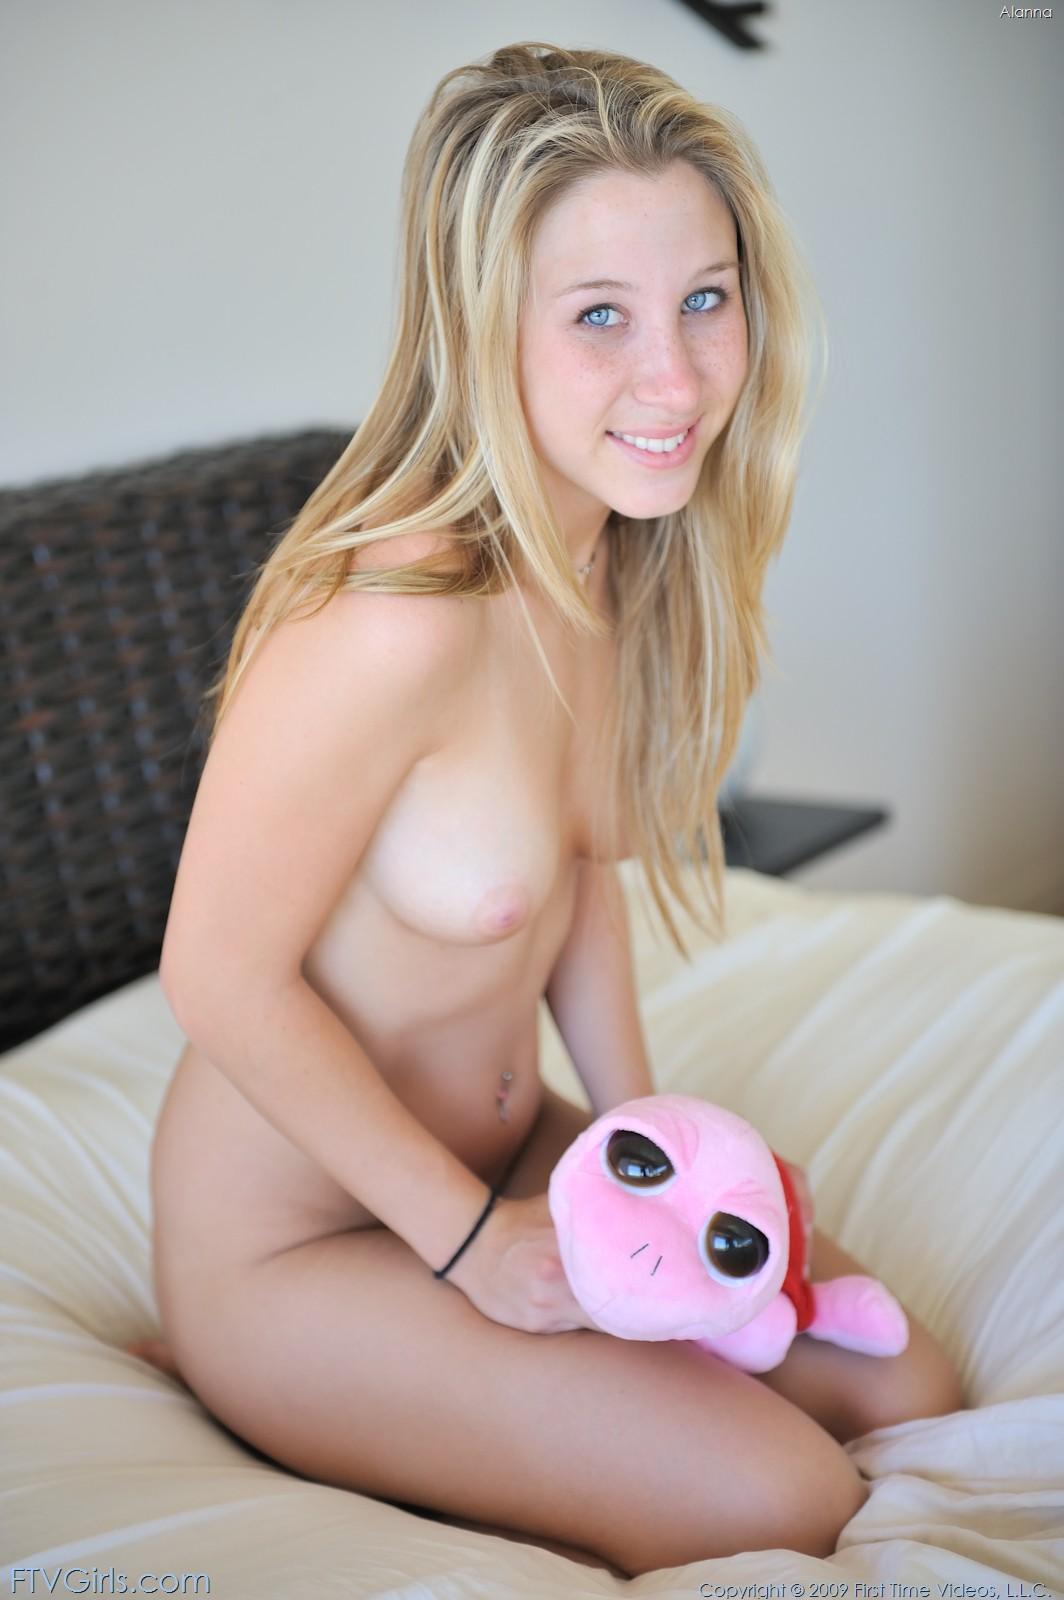 busty nude teen sitting